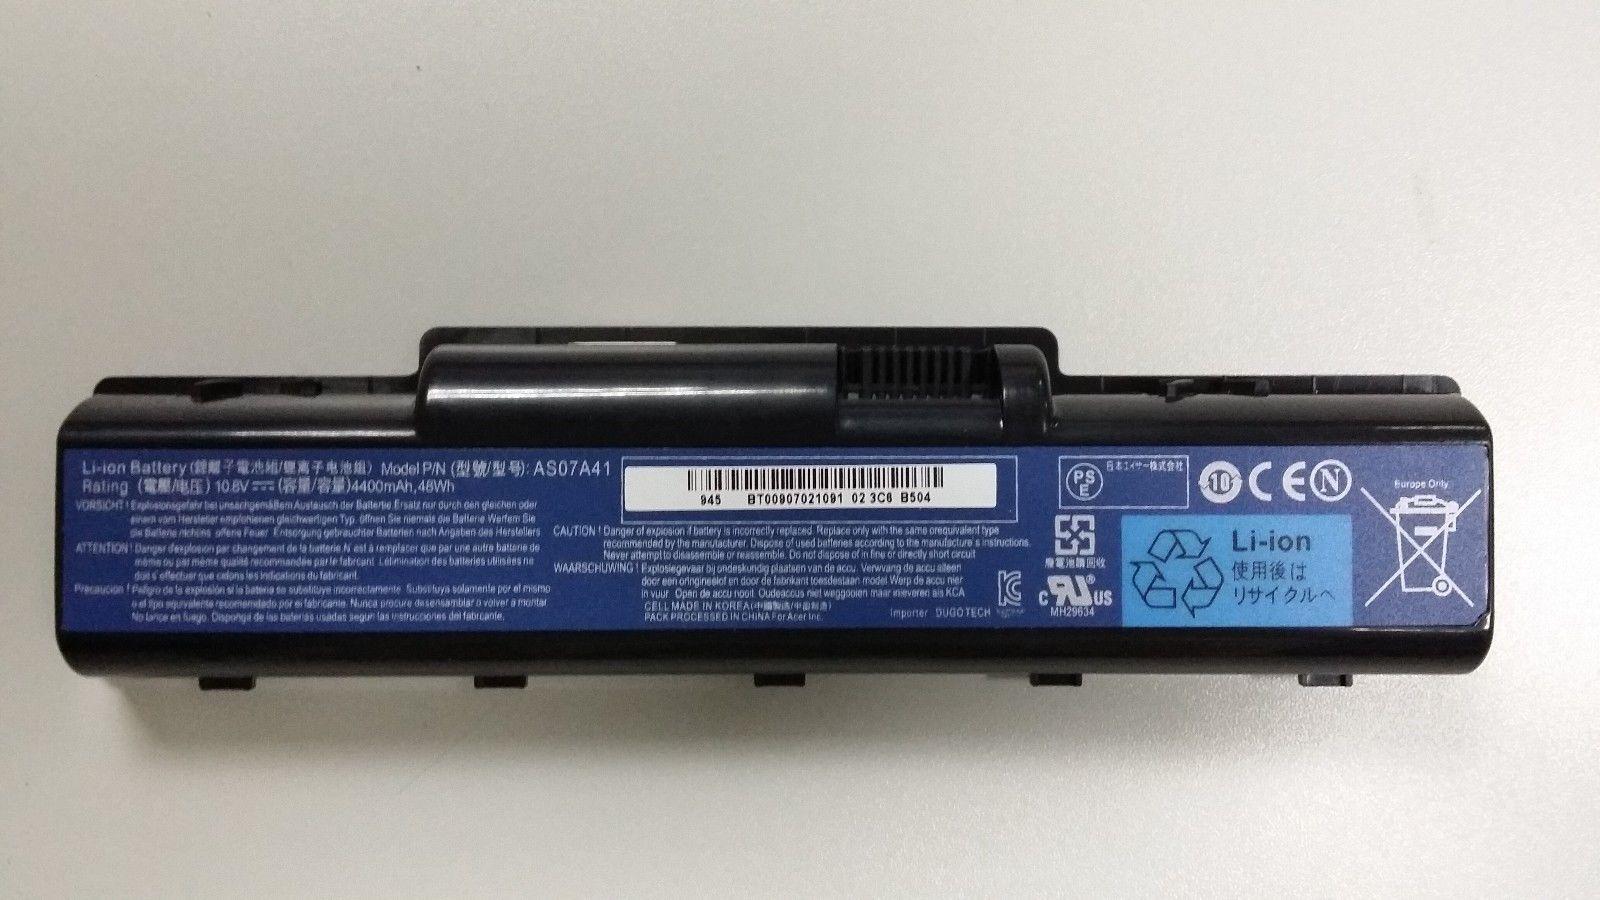 Baterai ORIGINAL Laptop Acer Aspire 4736Z, 4736G, 4740, 4310, 4520, 4710, 4720, 4730, 4920, 4930, 2930, AS07A41, AS07A71, AS07A73, AS07A74